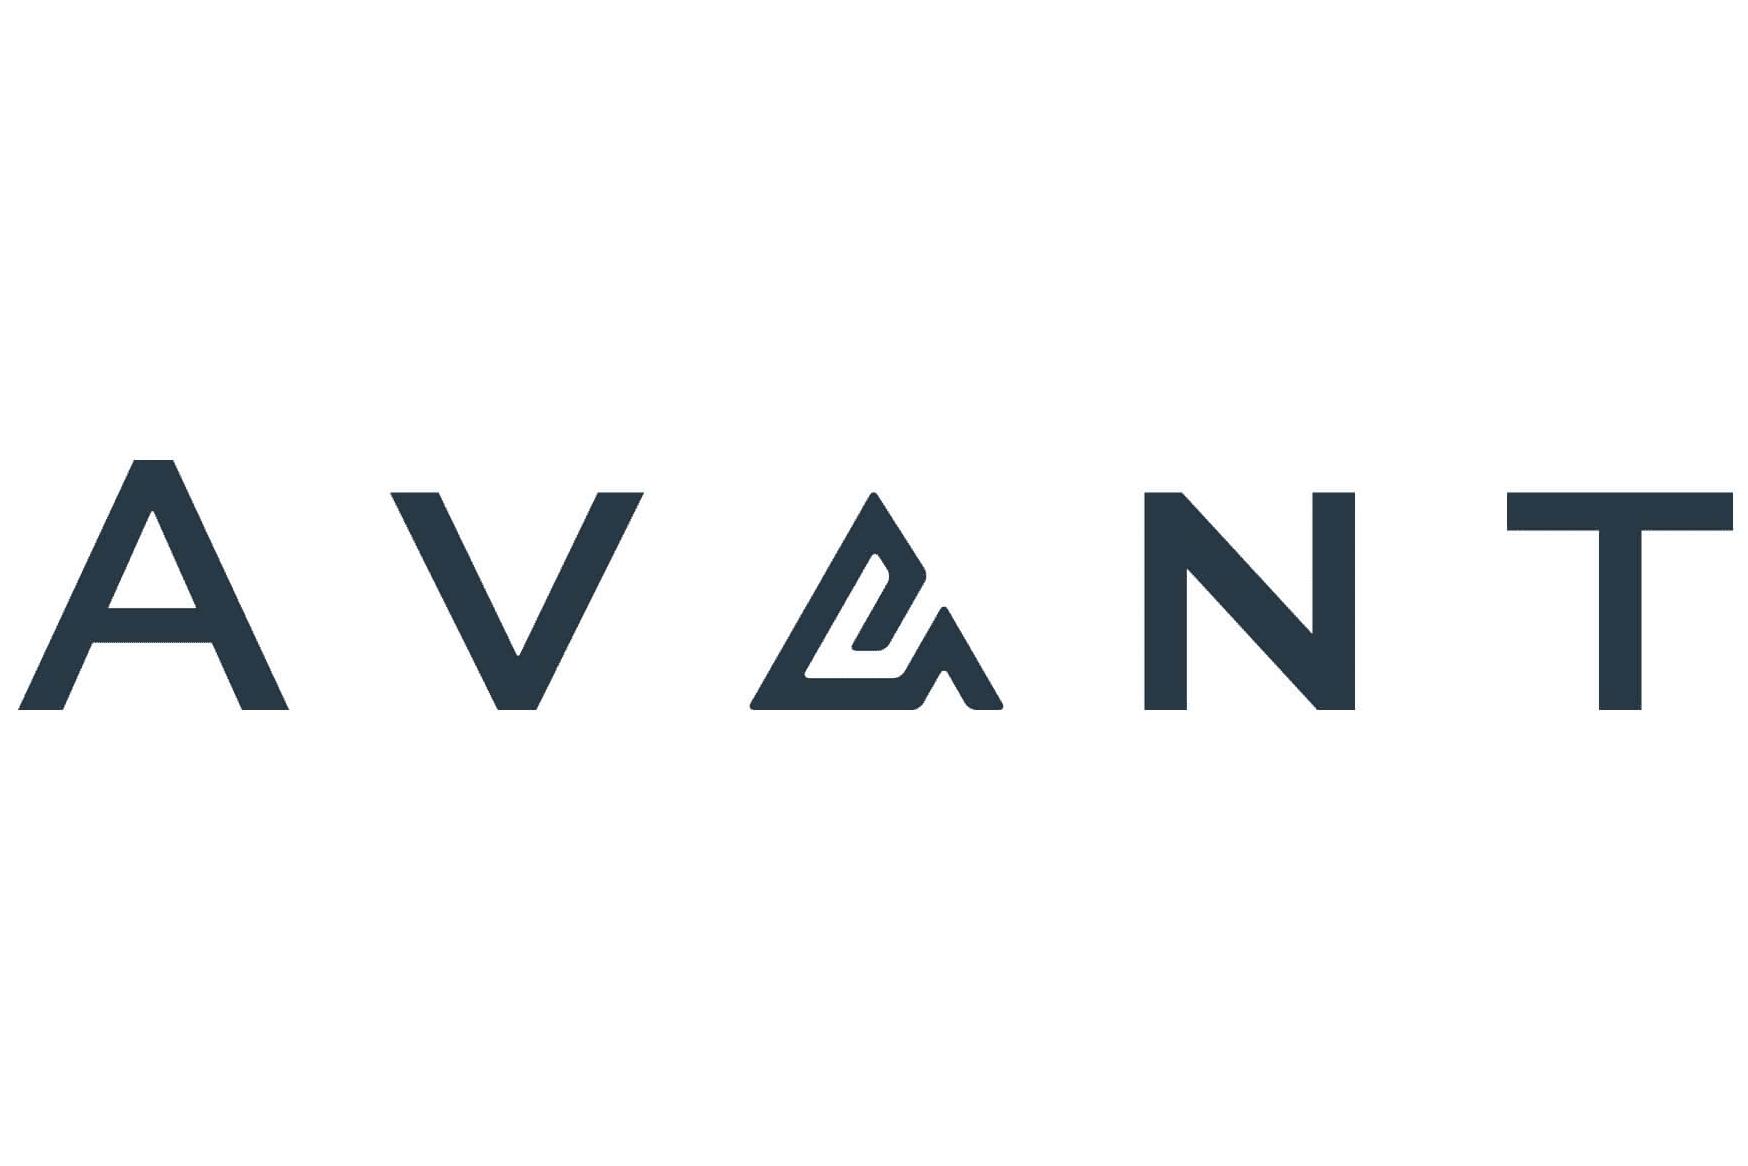 Avant company logo